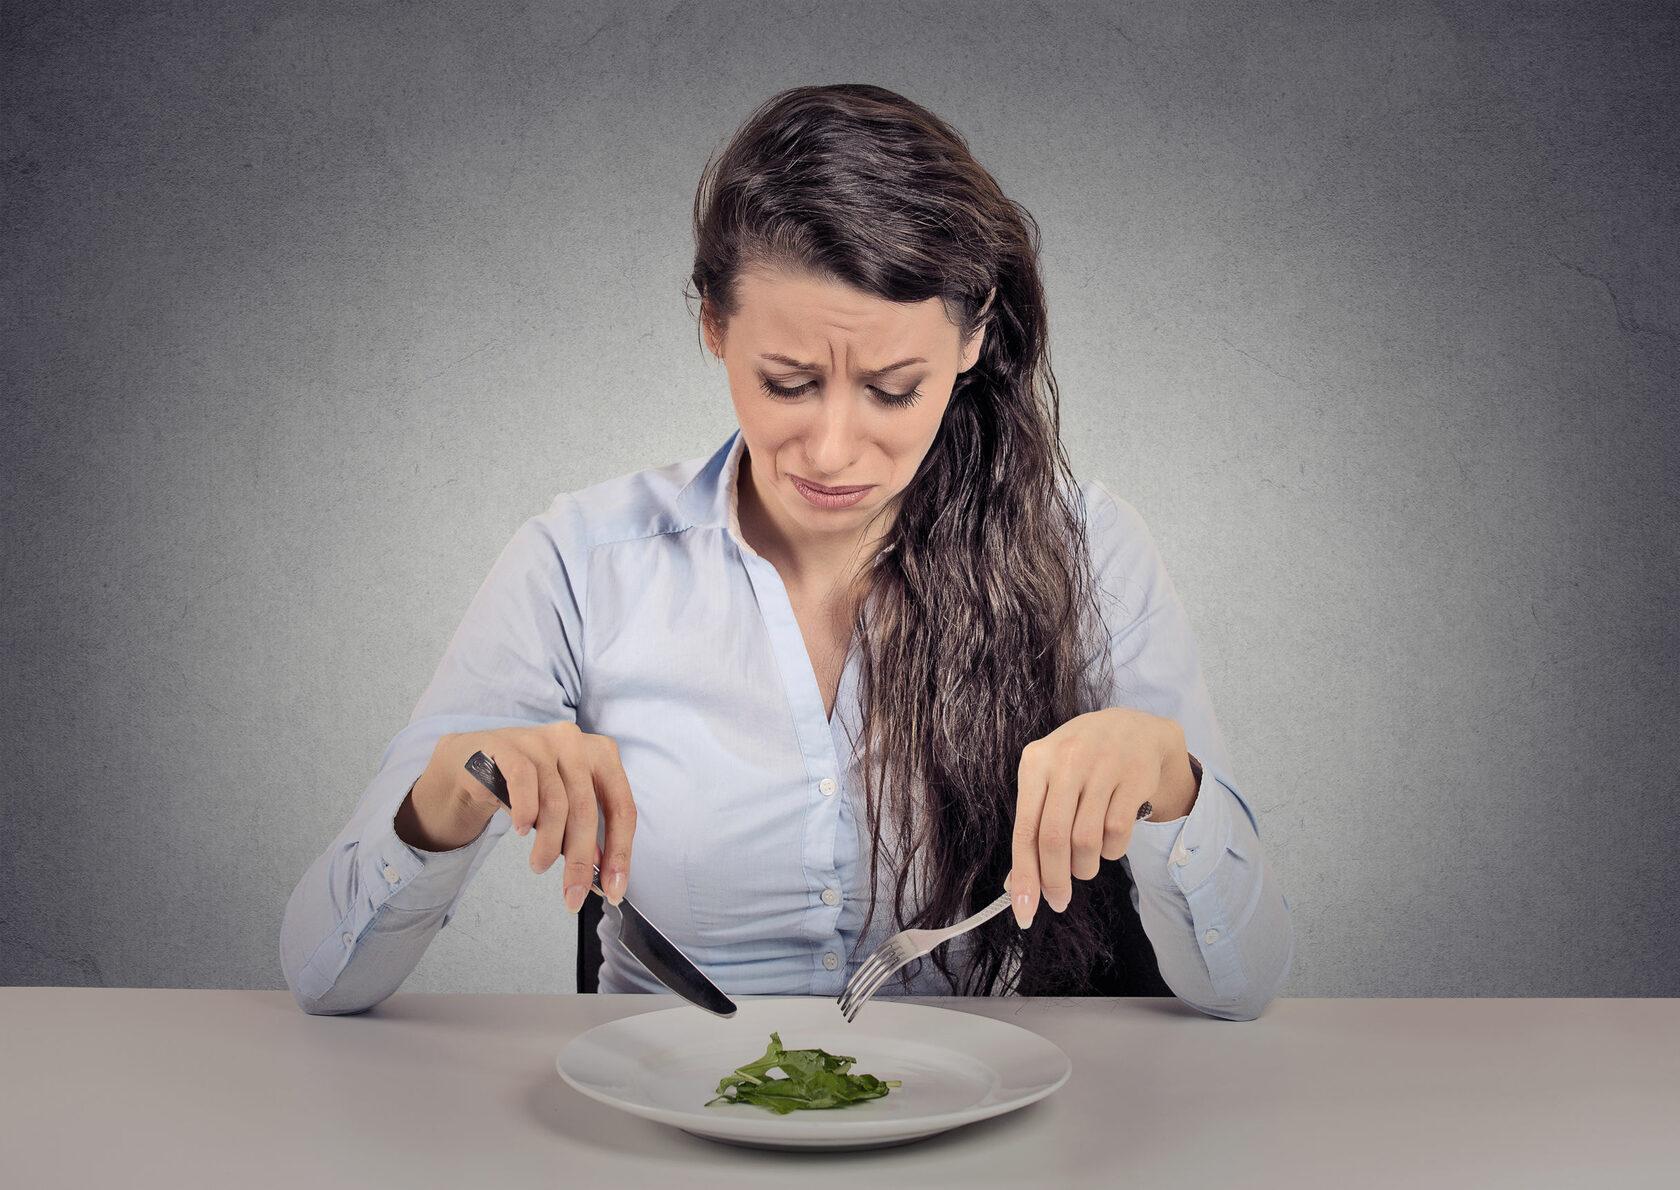 болит голова из-за голода